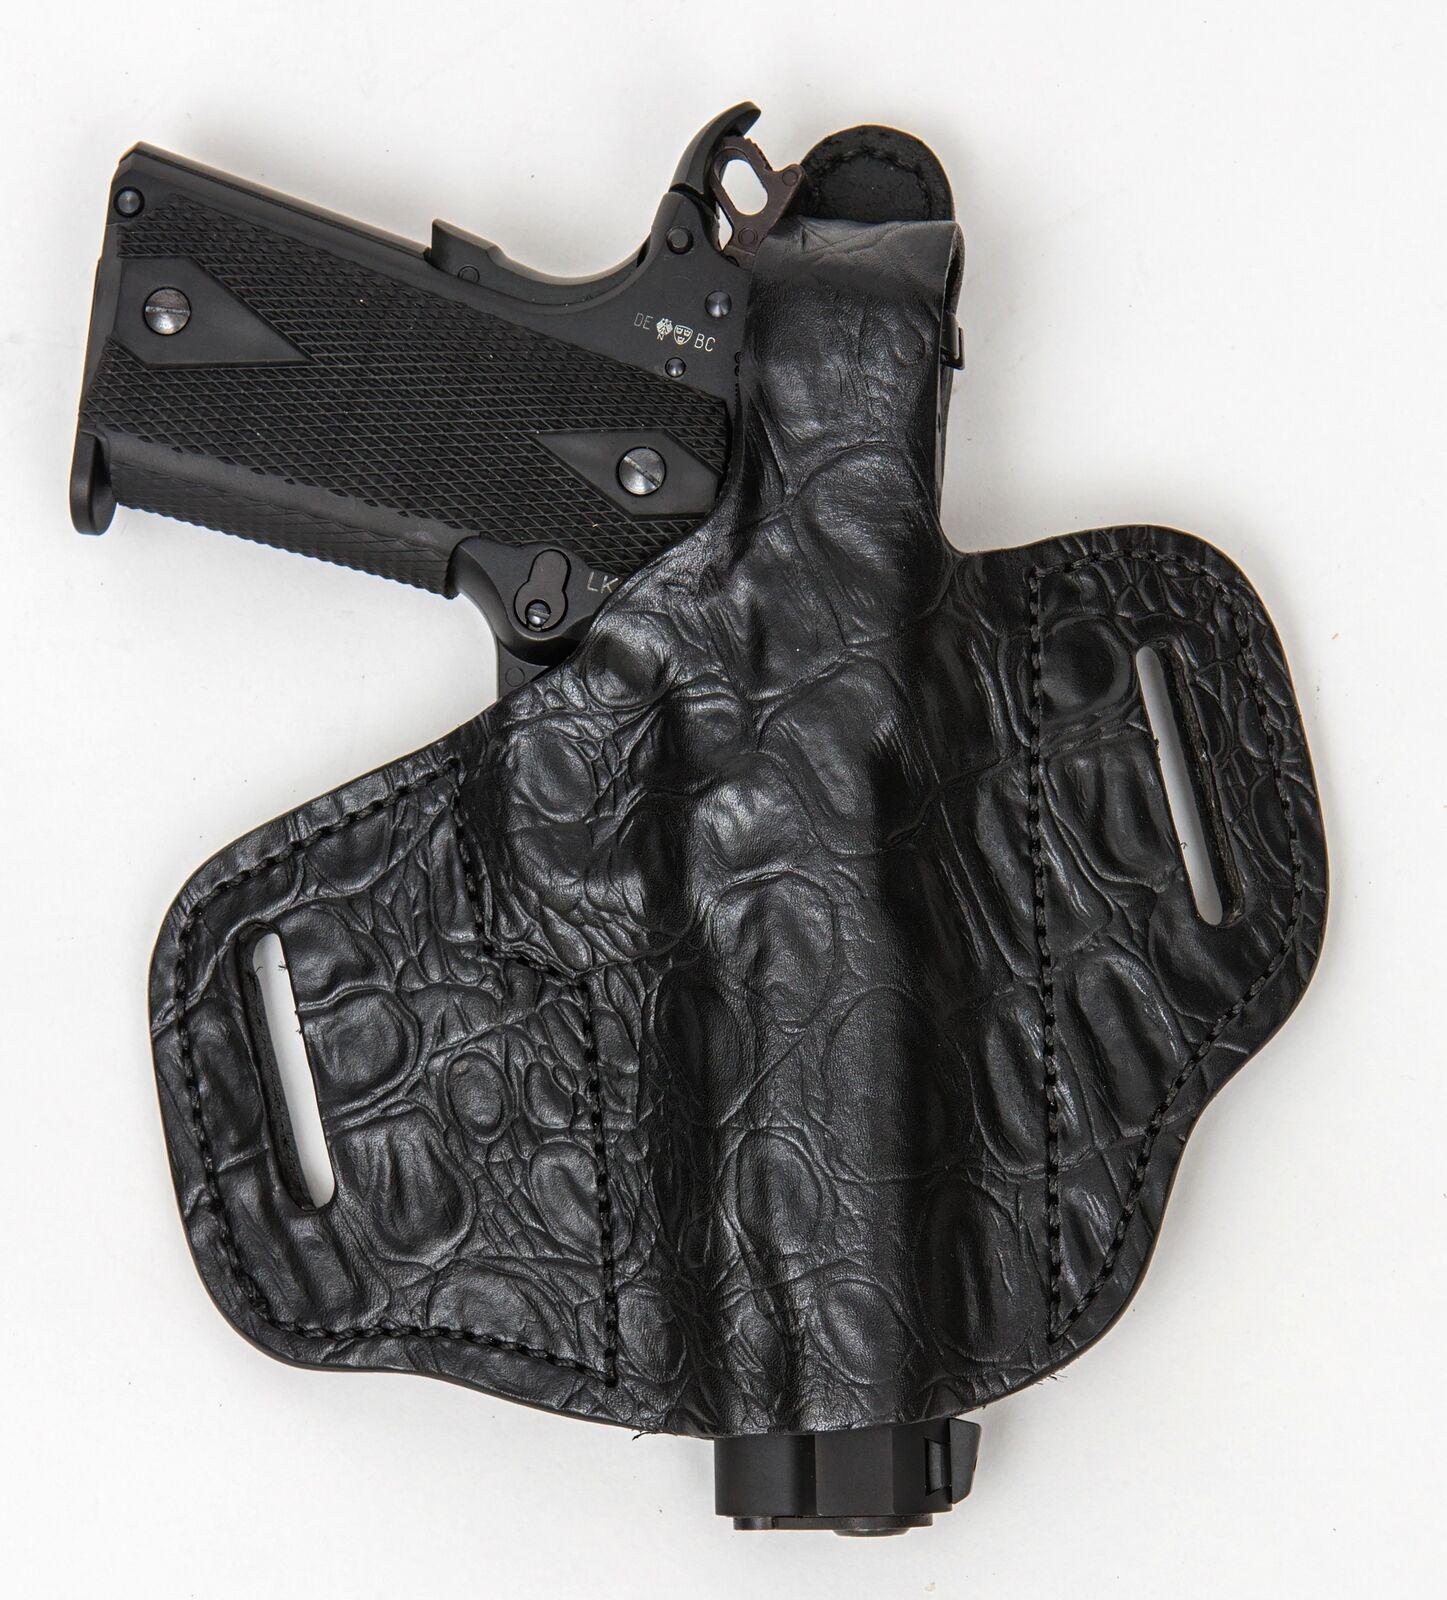 En servicio ocultar RH LH owb Cuero Funda Pistola para CZ 75 Tamaño Completo